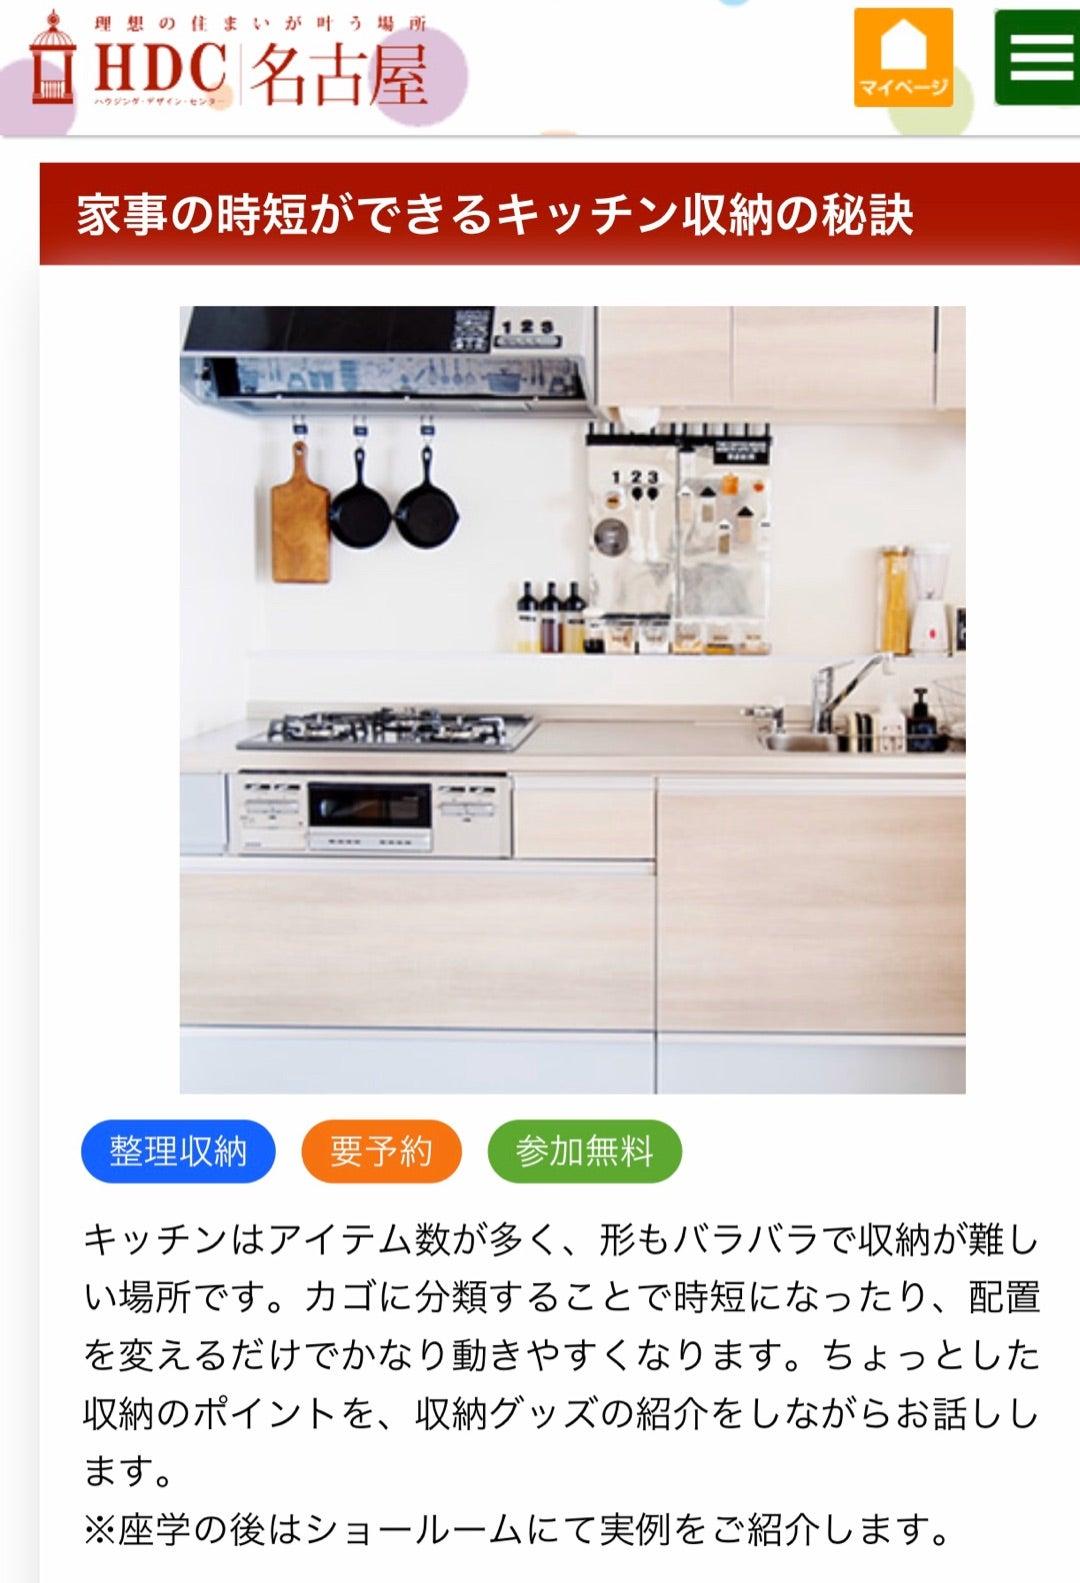 HDC名古屋セミナーのお知らせです